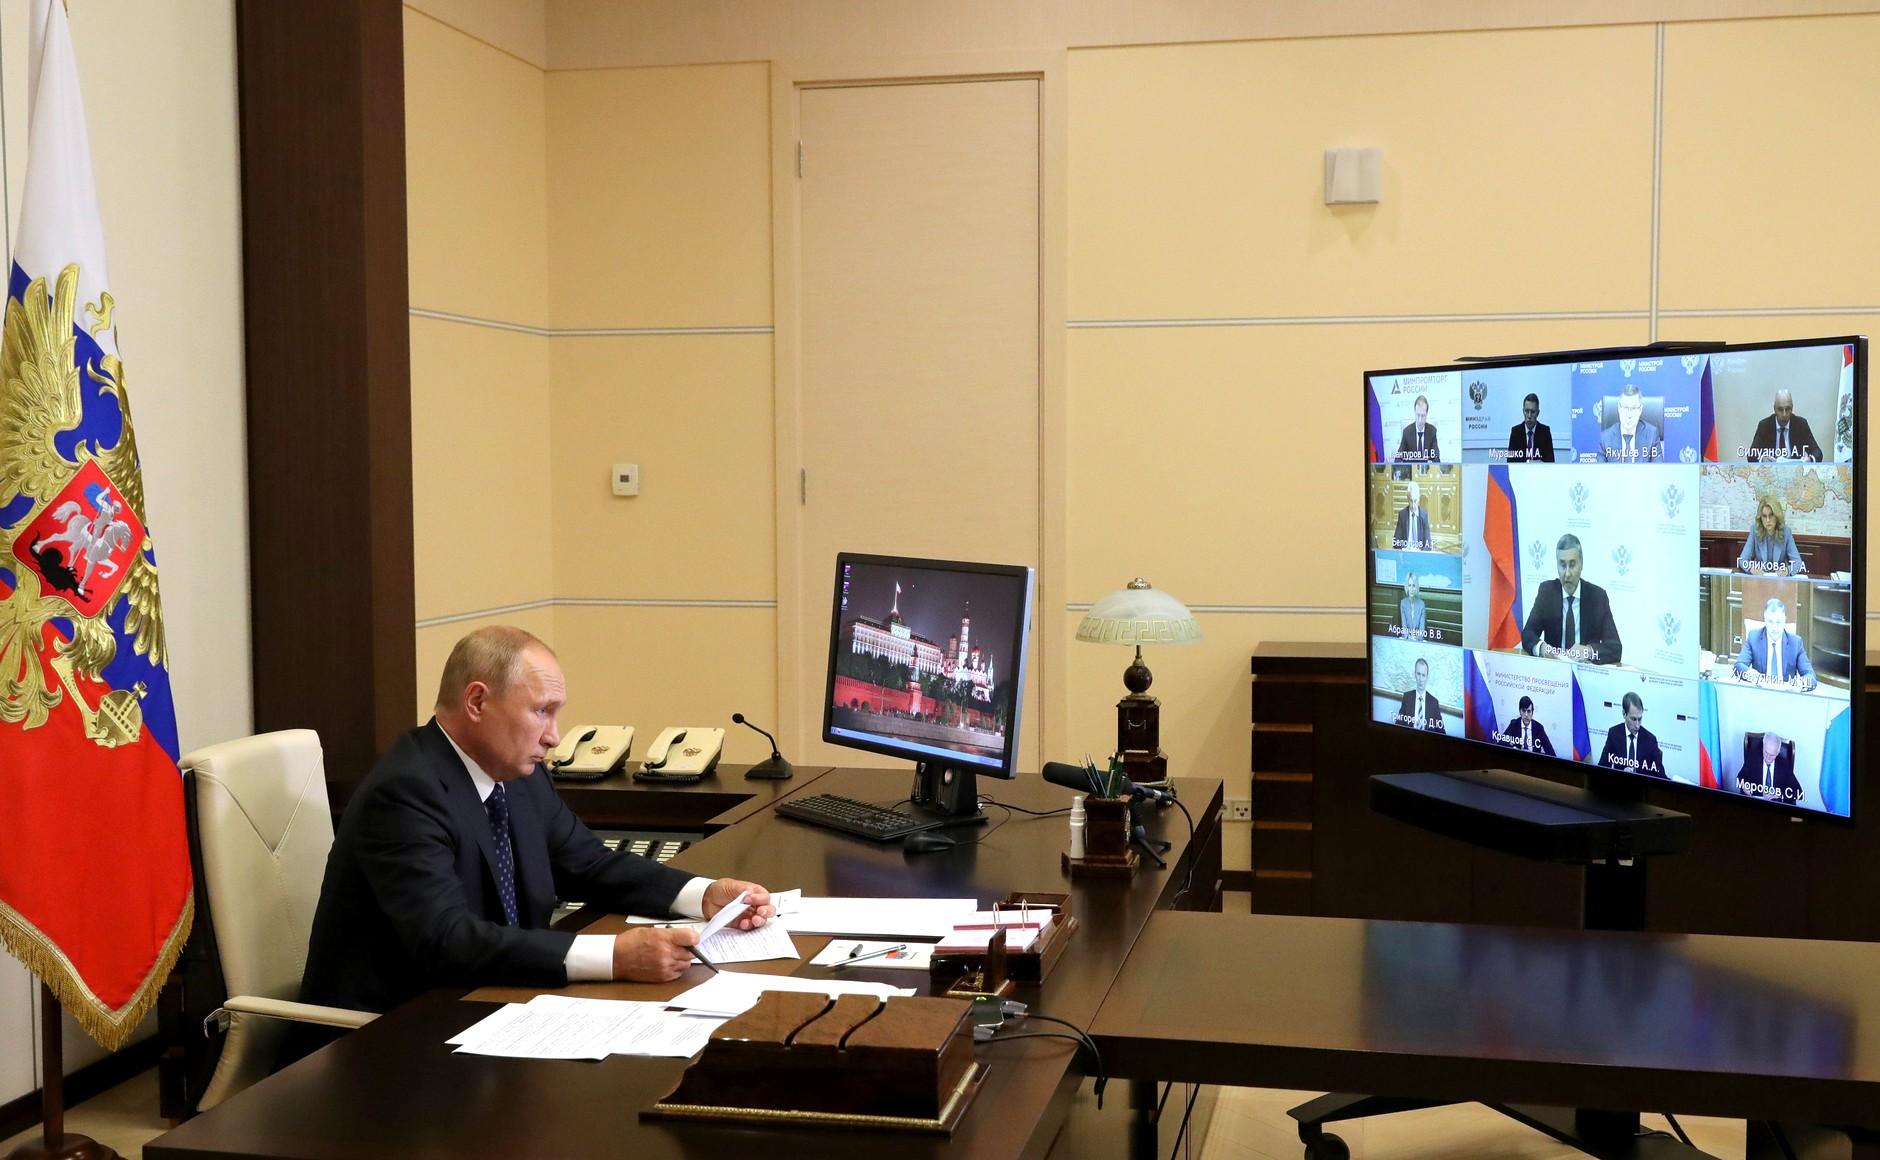 KREMLIN N° 1 X 3 DU 27.08.2020 Rencontre avec les membres du gouvernement (par vidéoconférence). soKfIUeFgwAjdPuU0ZilZtwDXP7ZD1Nw